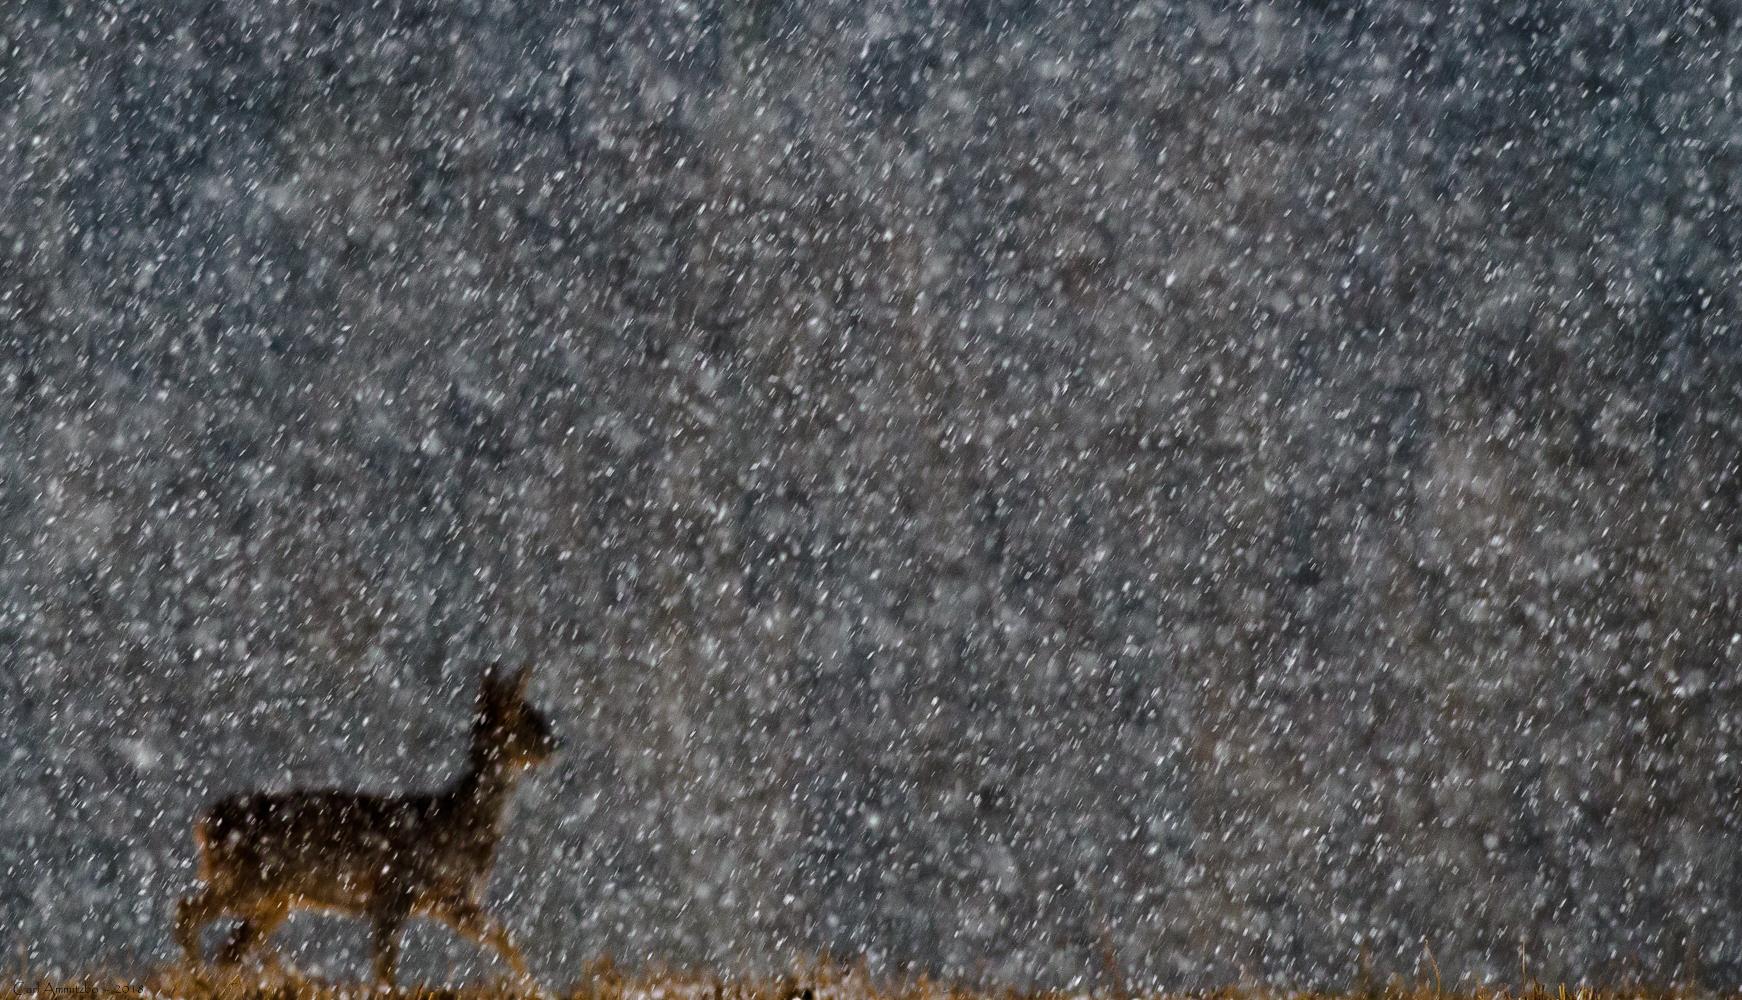 02 - 0305 - Rå i sne - 55 - Roskilde